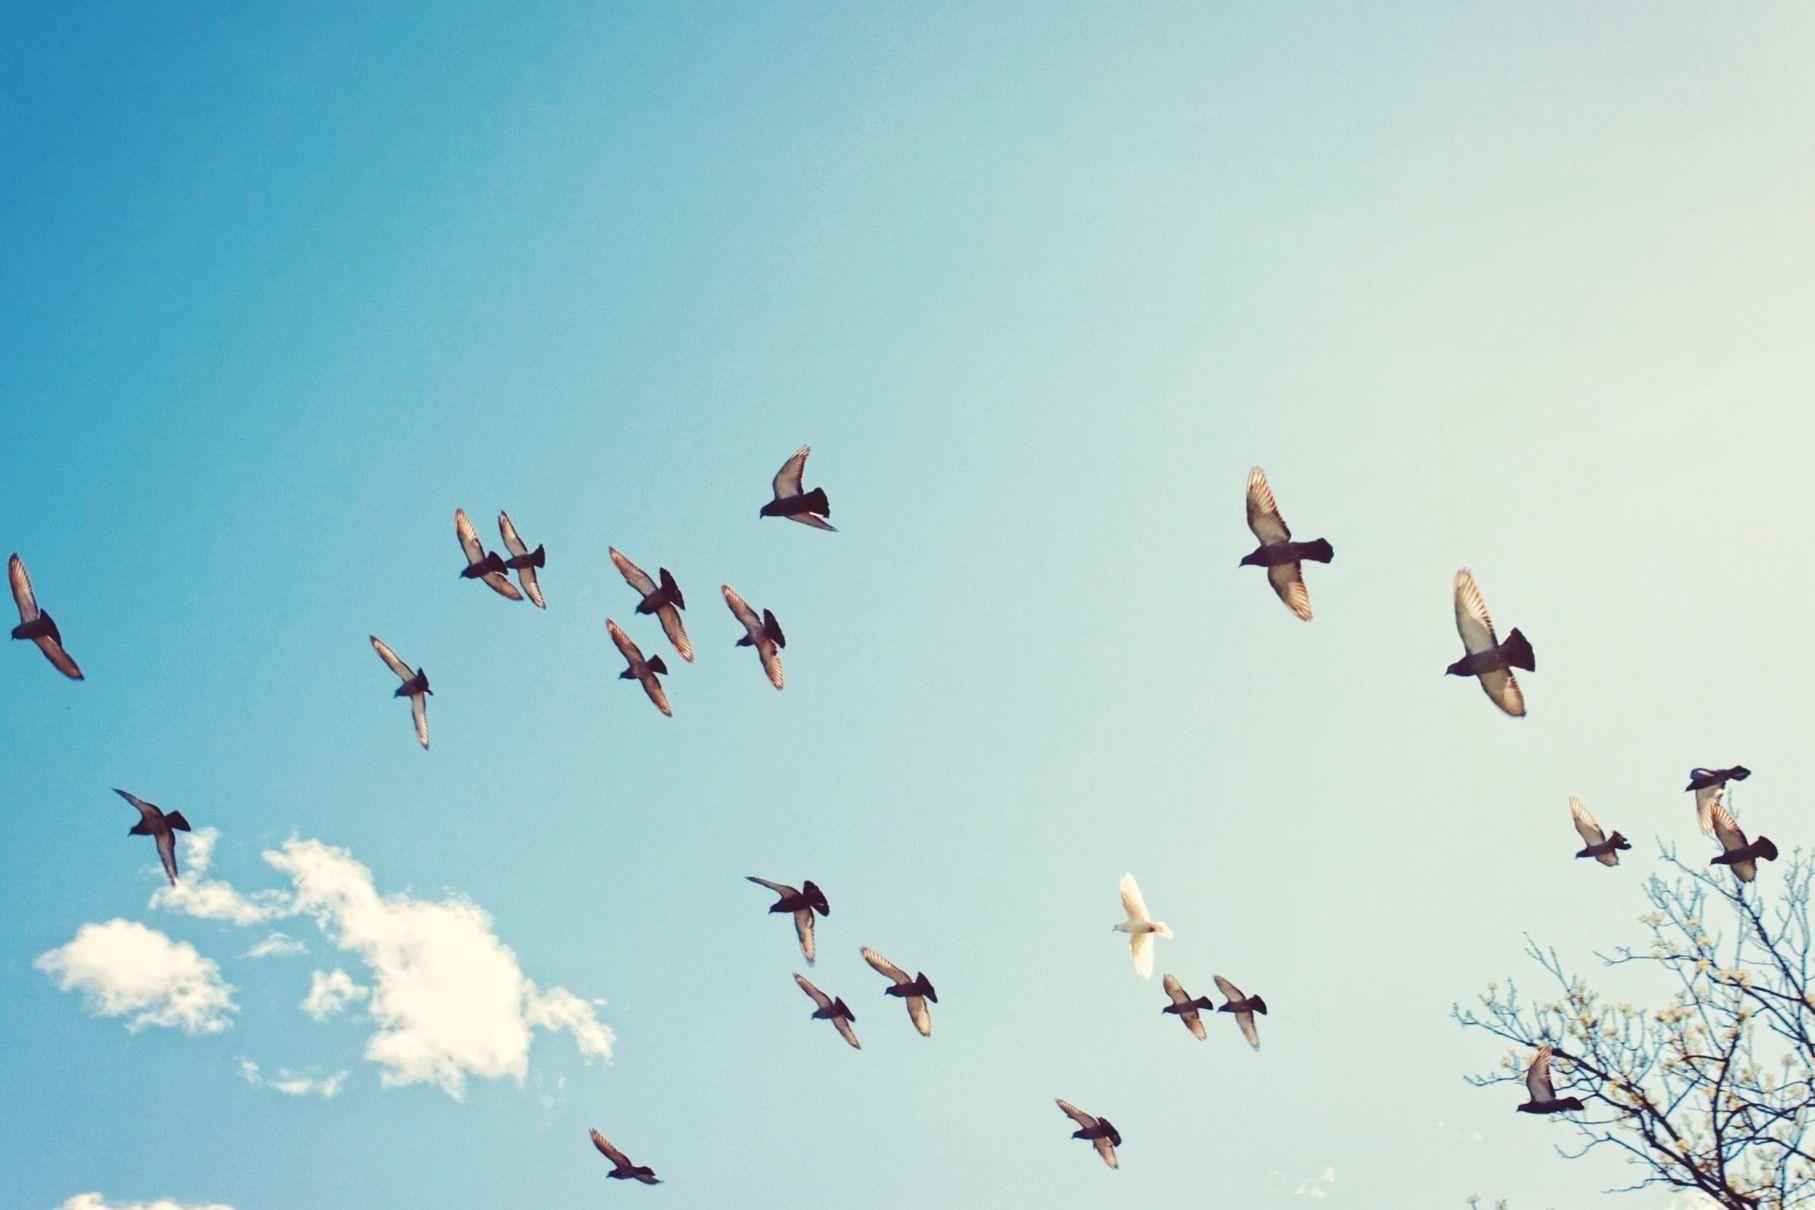 Bird Foraging Behavior How Birds Get Food